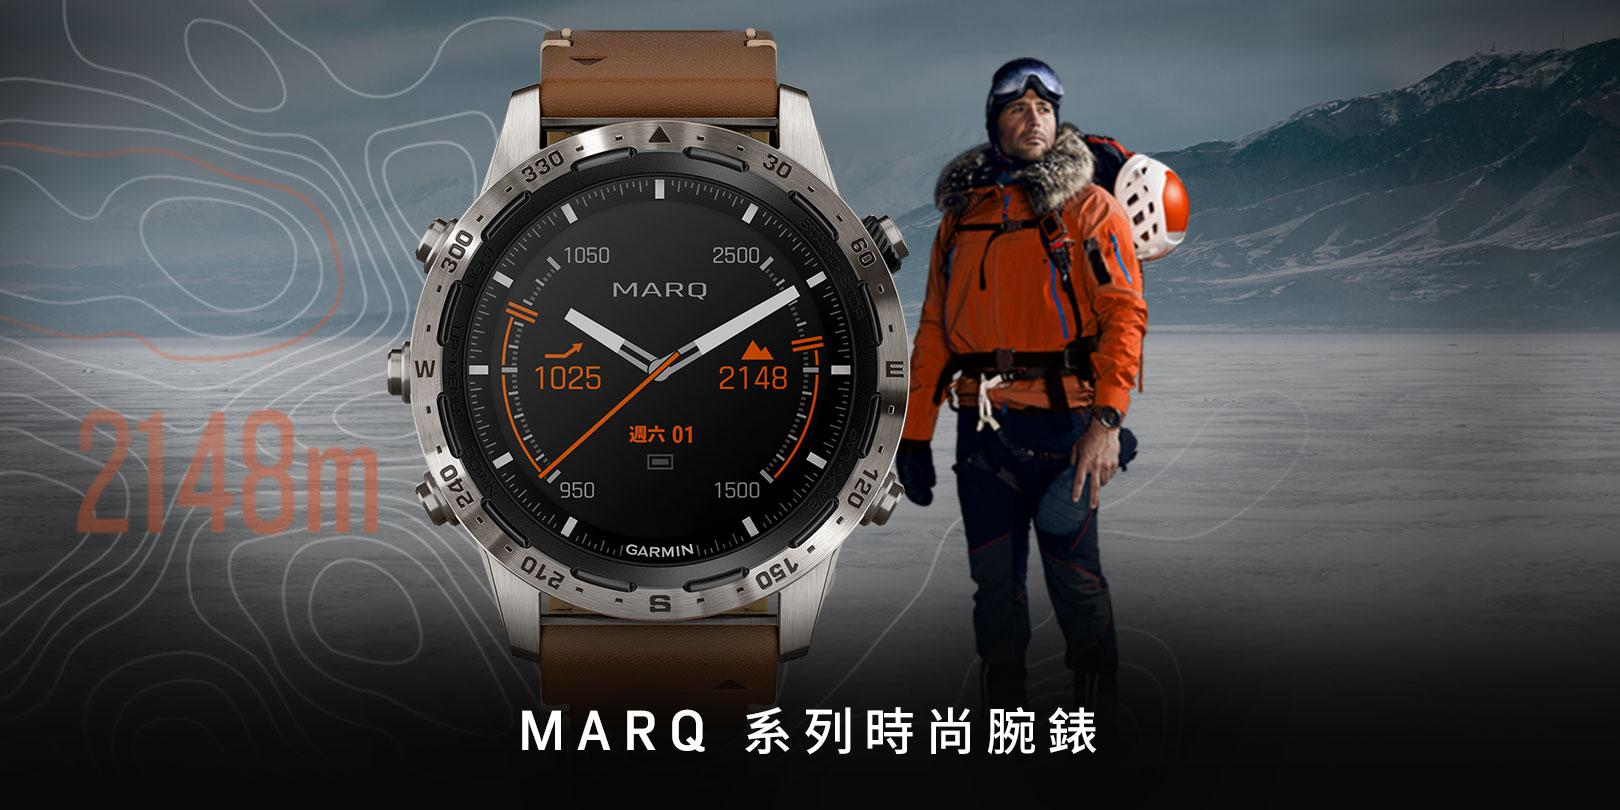 Marq預購資訊